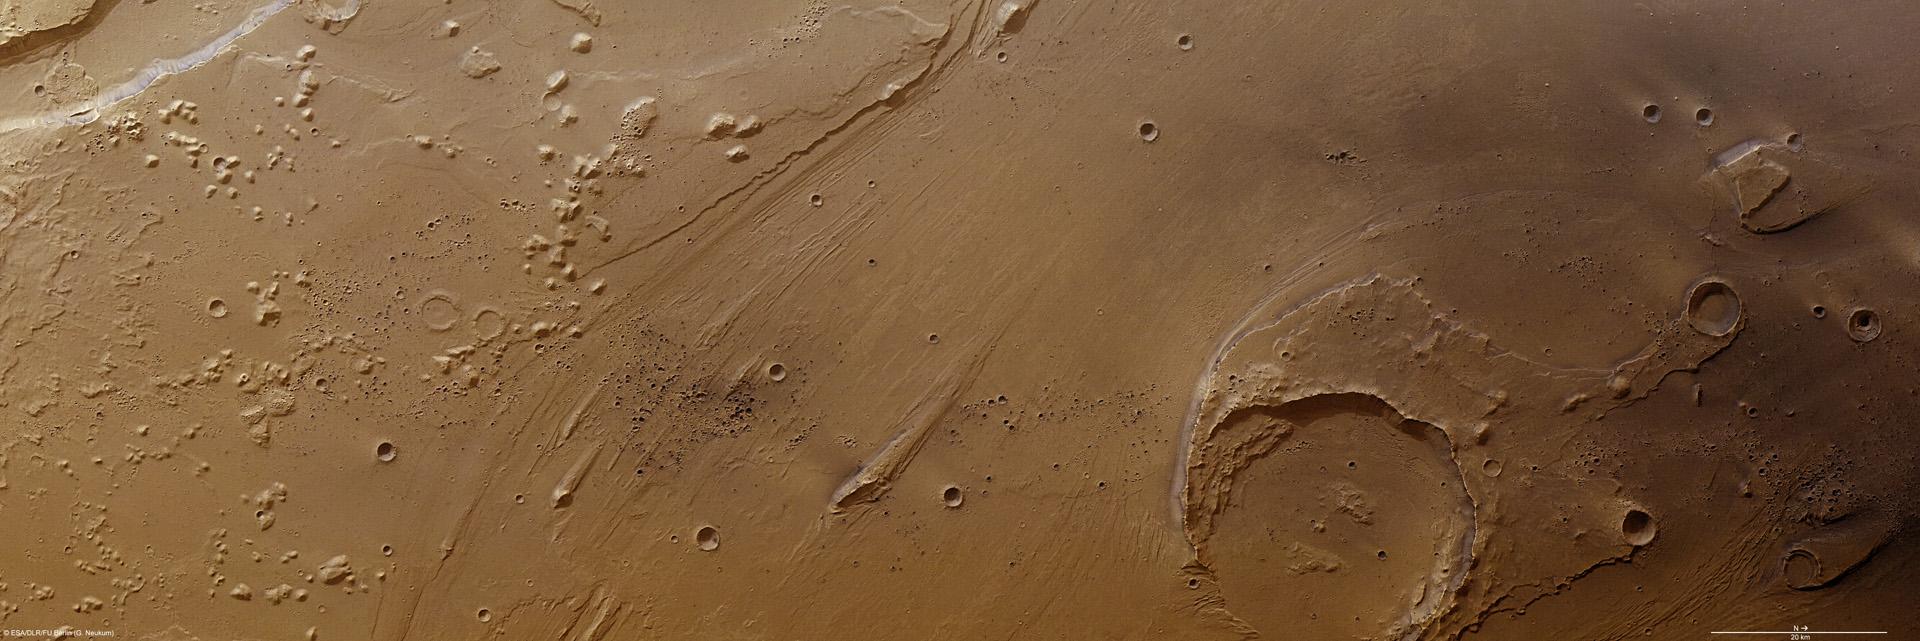 Марс Експрес наблюдава струпвания на скорошни кратери в Ares Vallis